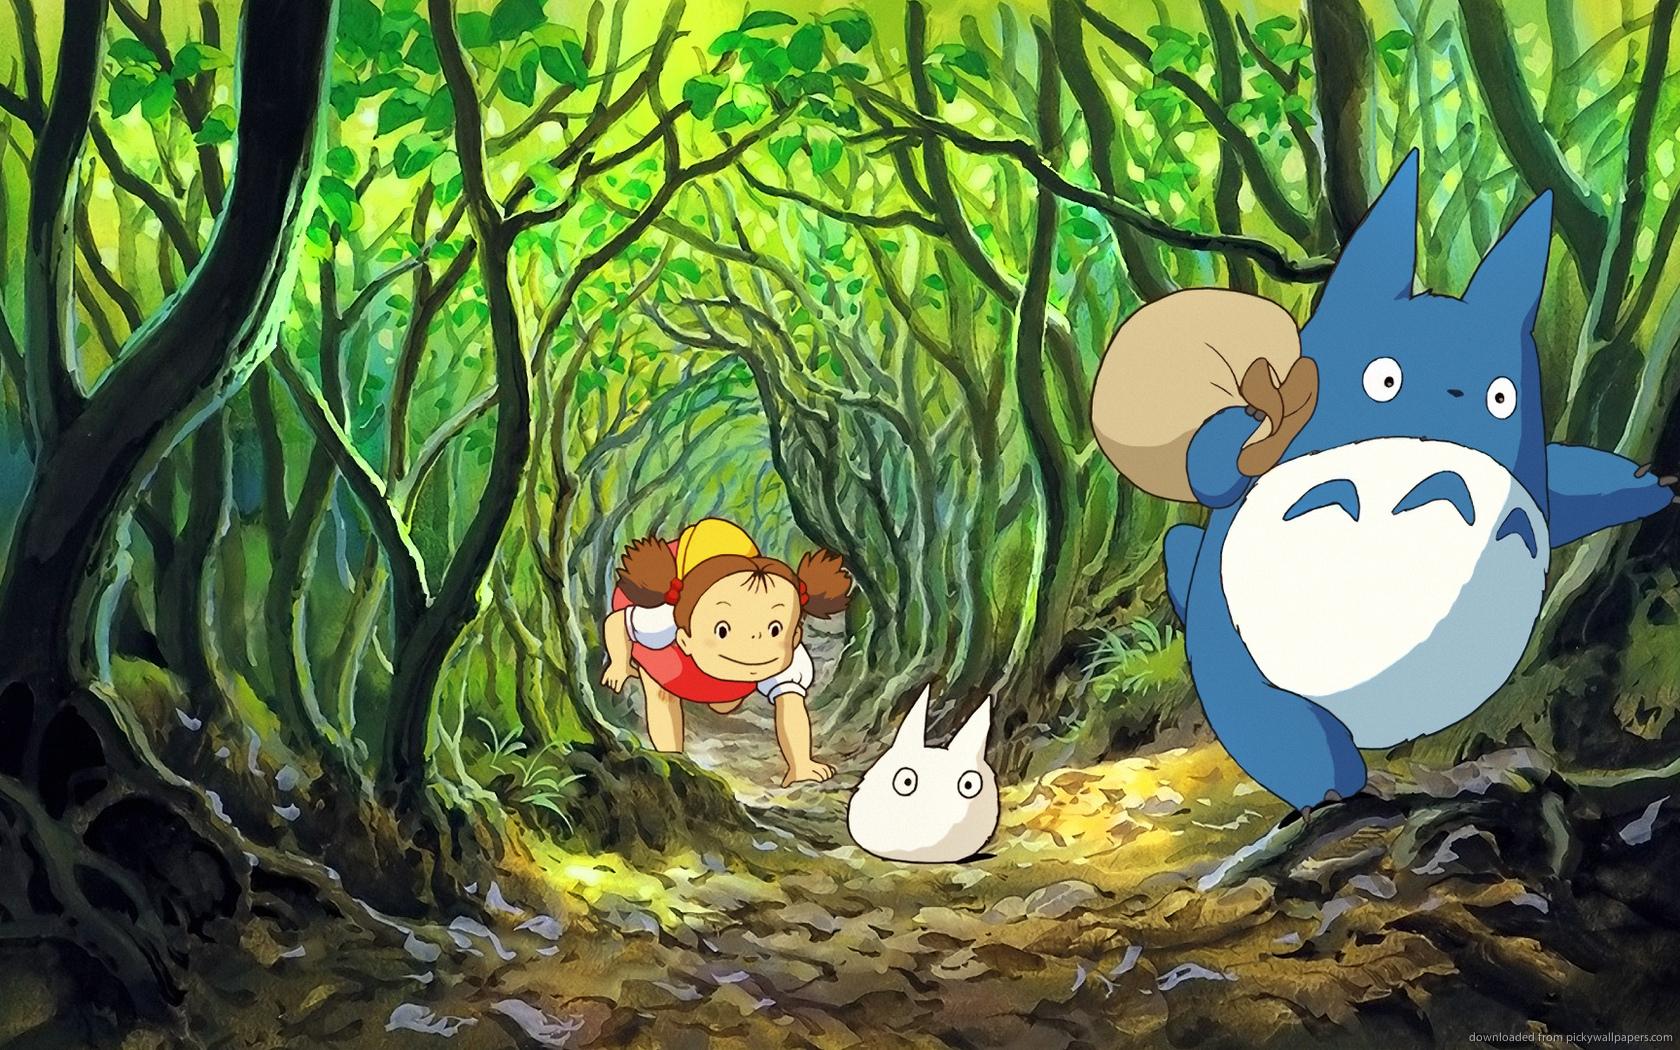 Hayao Miyazaki trabajaría en la construcción de un parque infantil inspirado en sus obras